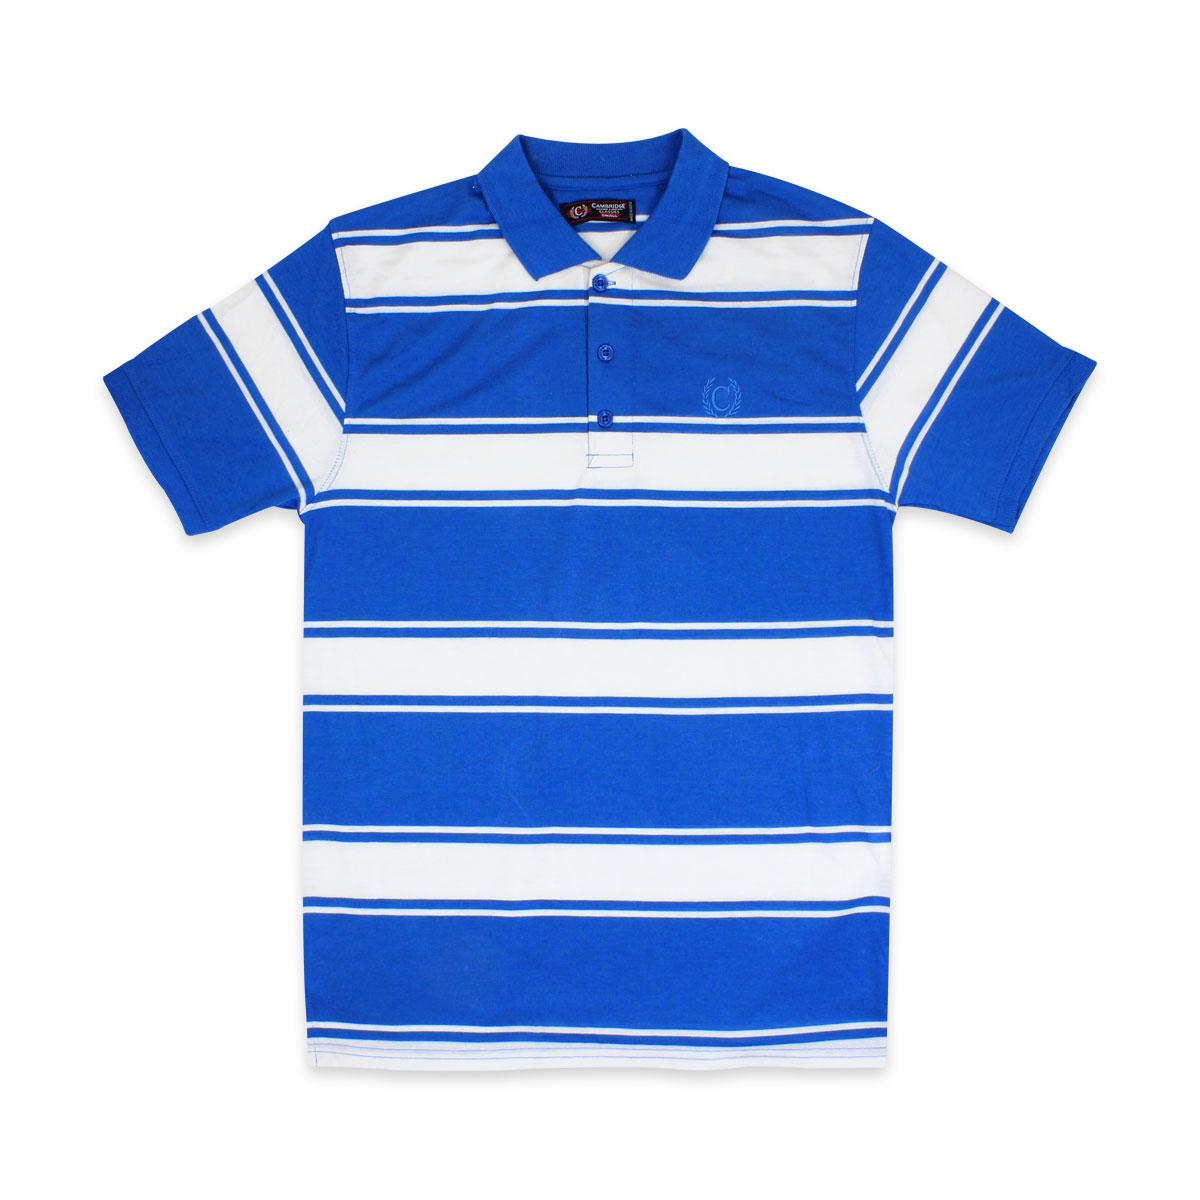 Camisas-Polo-Para-Hombre-A-Rayas-Pique-Con-Cuello-camiseta-Camiseta-Manga-Corta-De-Verano-S-M-L-XL miniatura 14